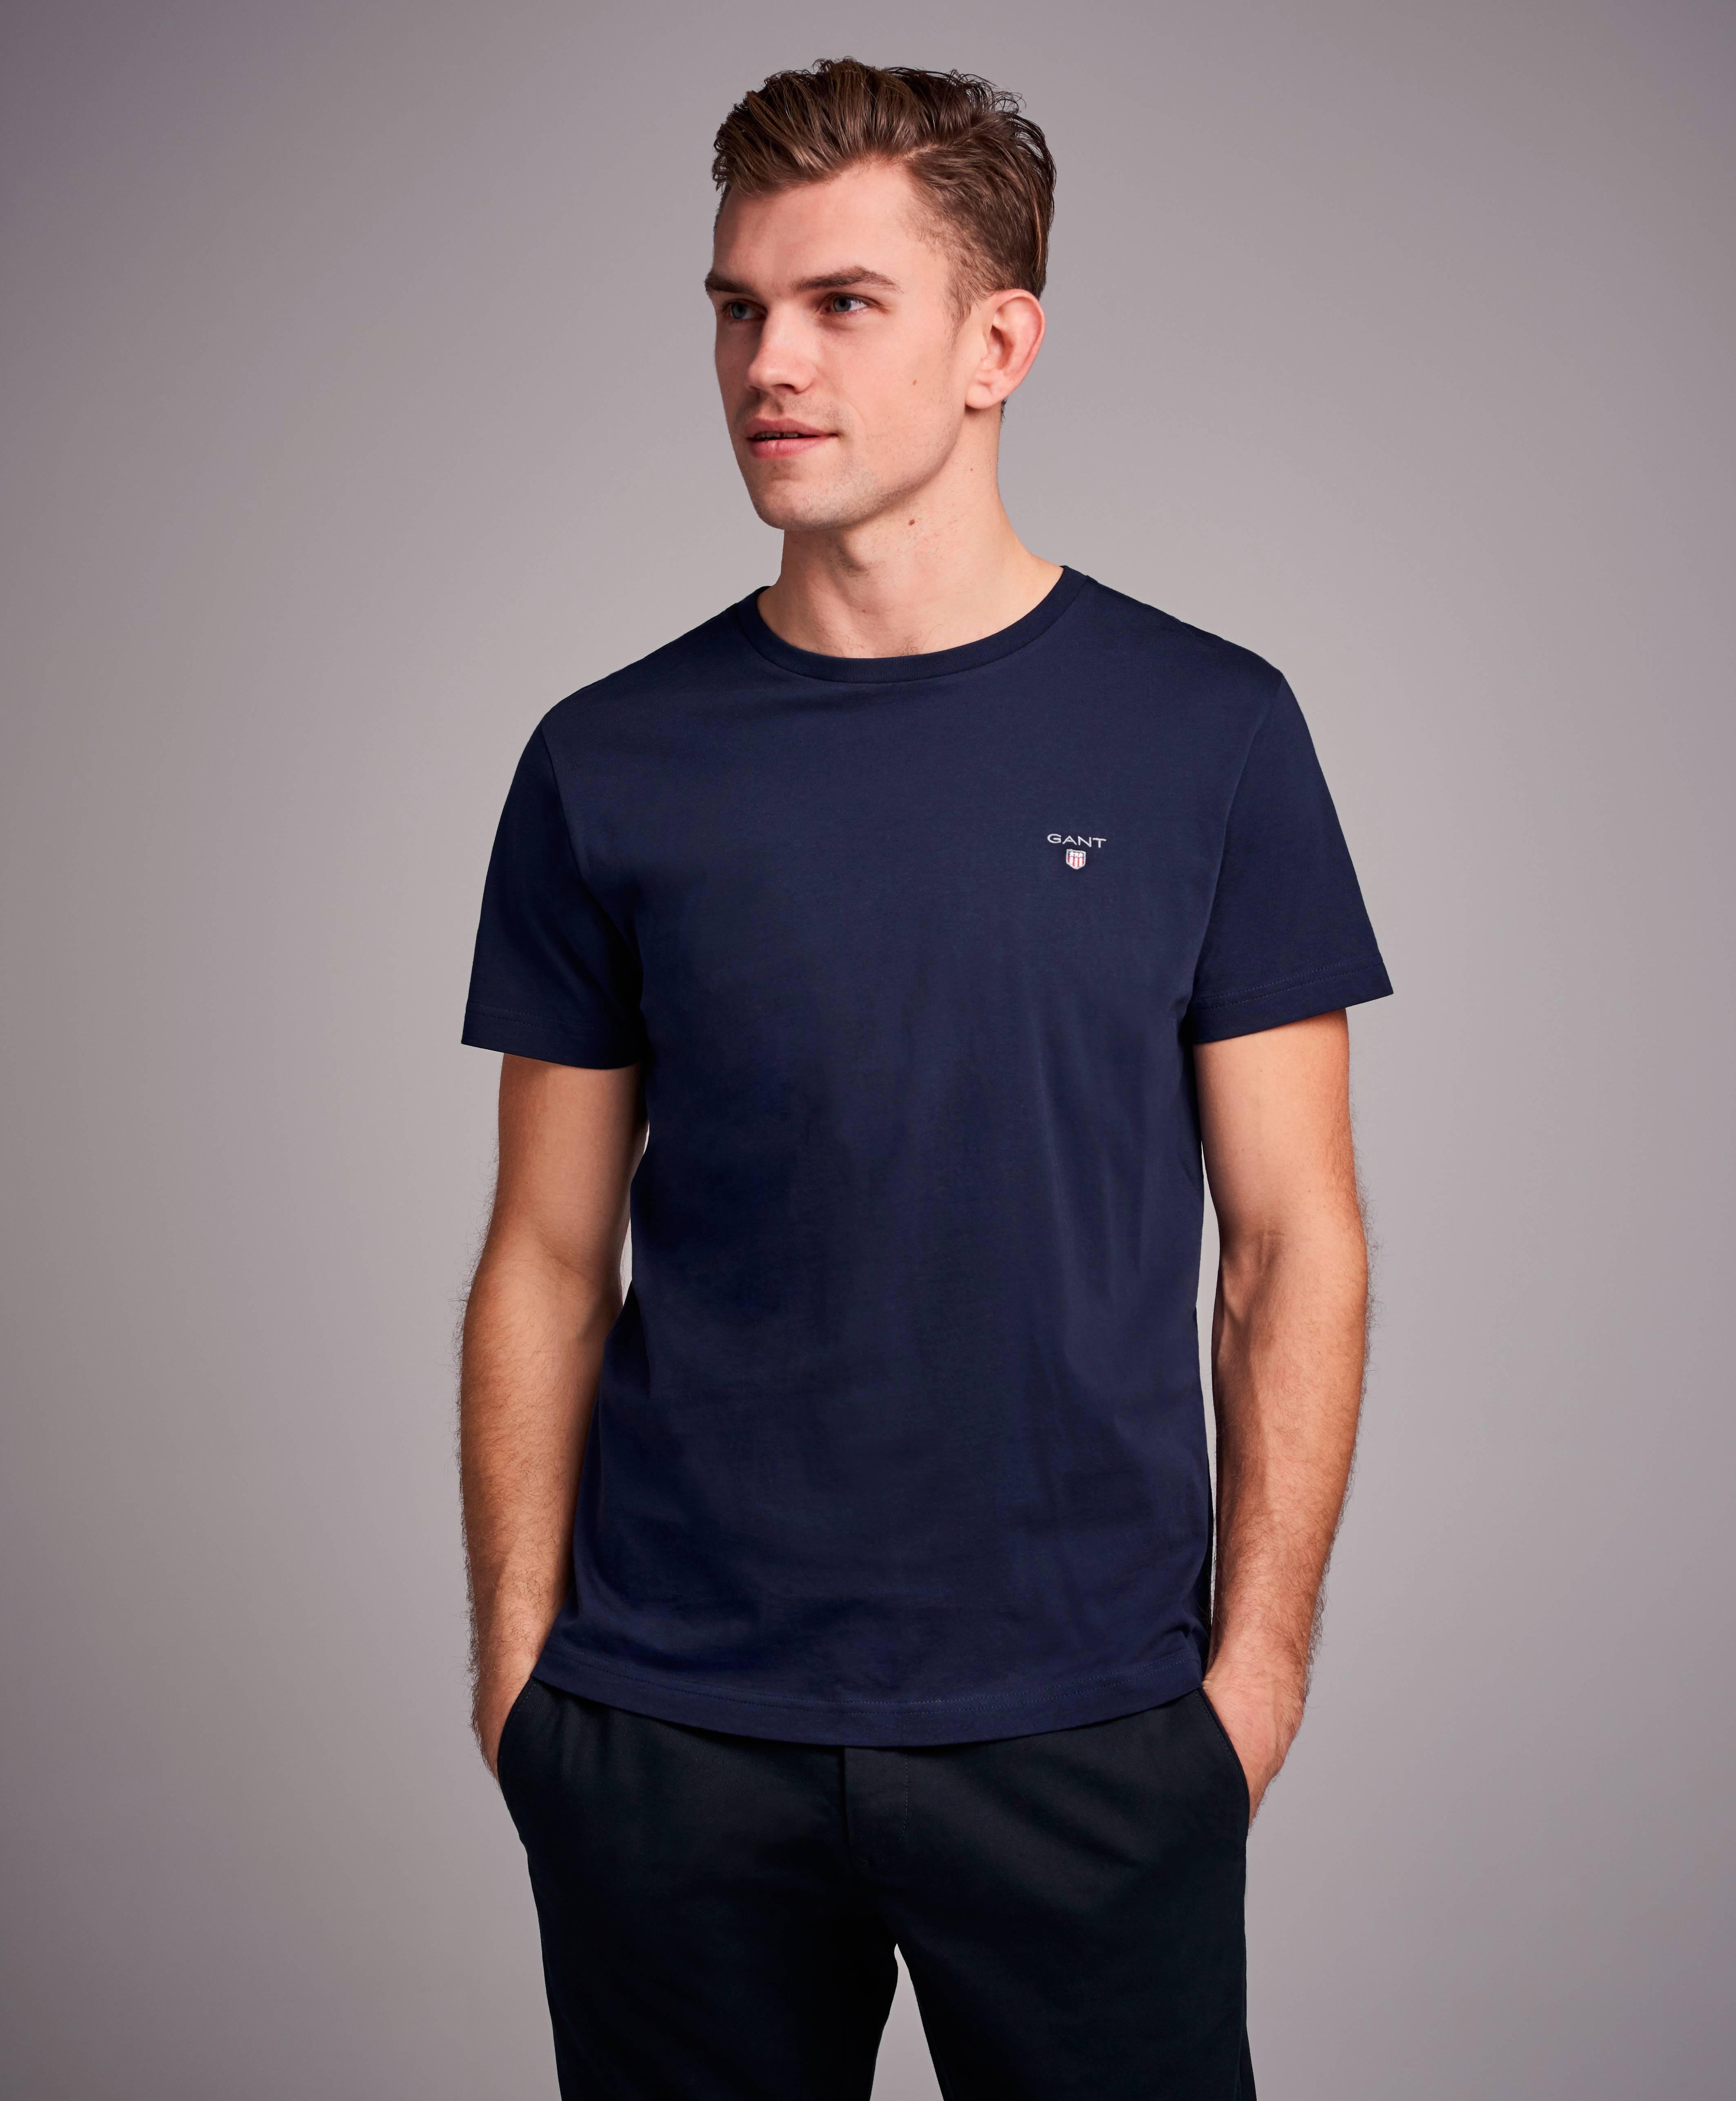 813699da Gant The Original SS T-shirt - Blå - Klær- Stayhard.no